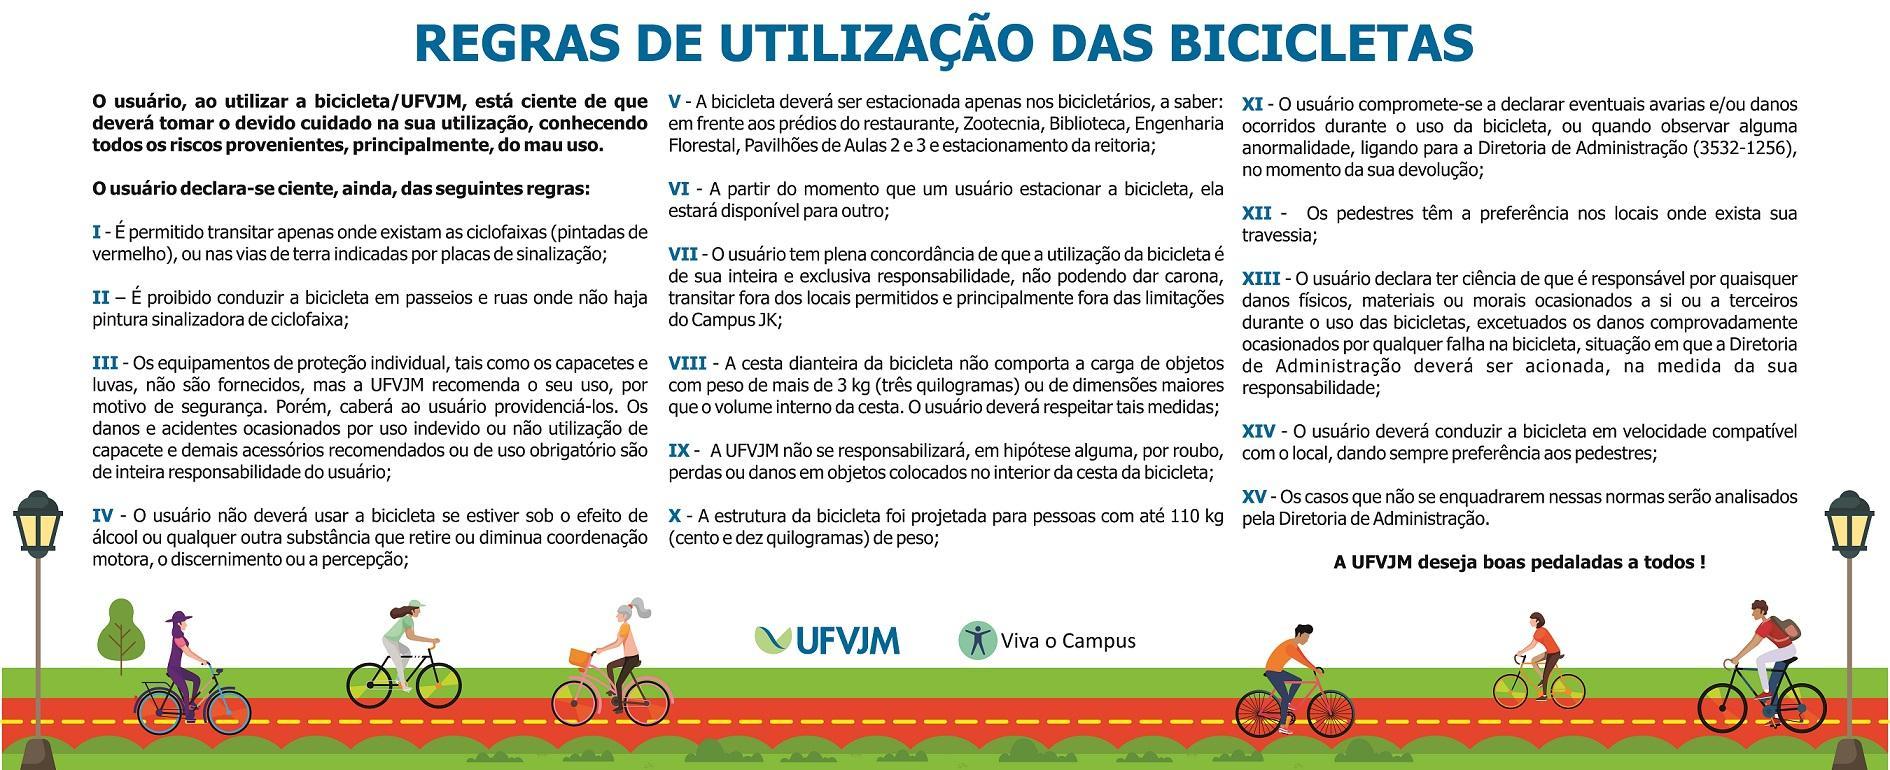 Regras de utilização das bicicletas